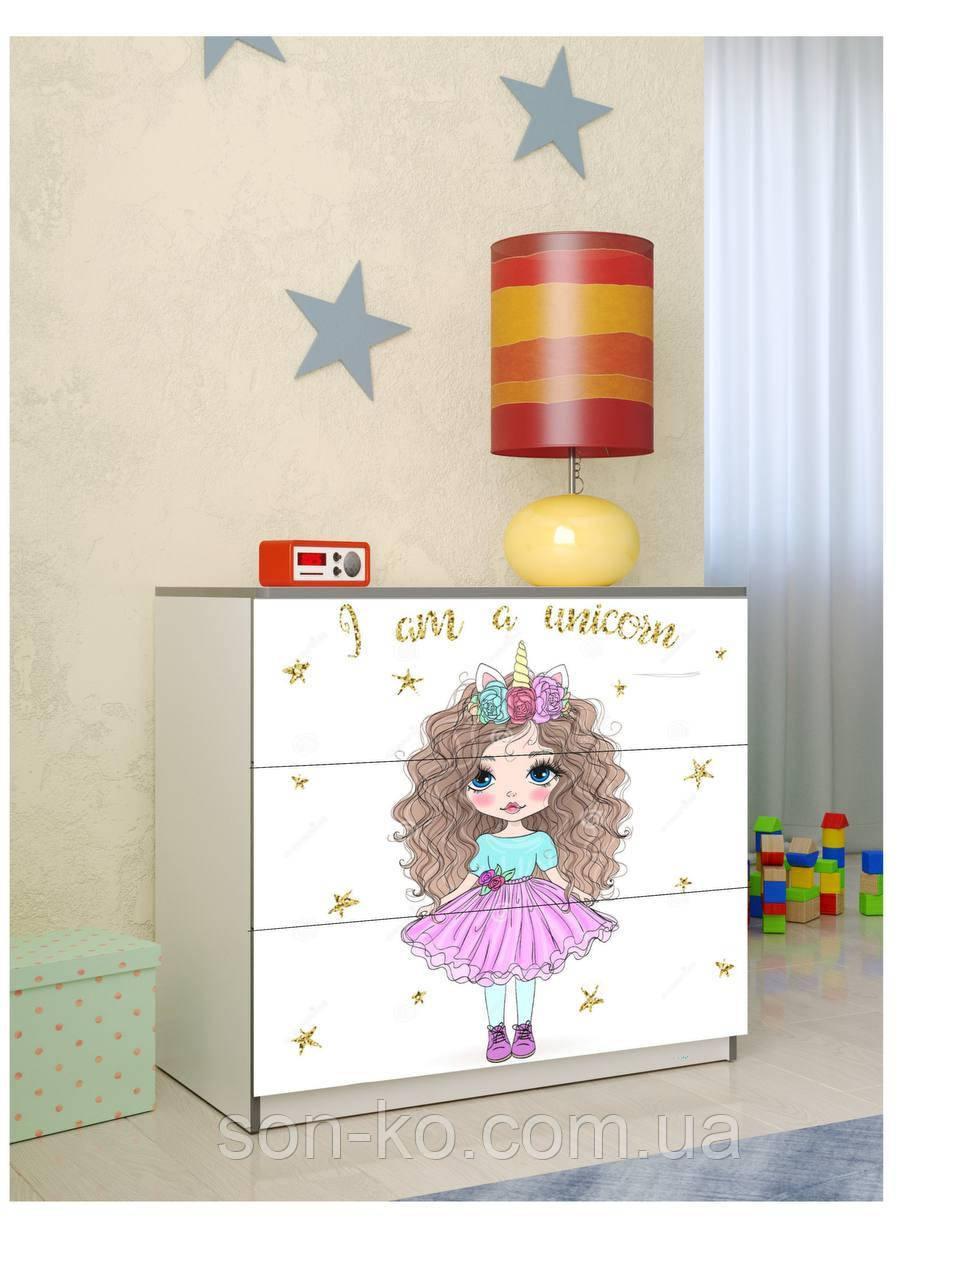 Комод дитячий з малюнком Дівчинка єдиноріг. Безкоштовна доставка